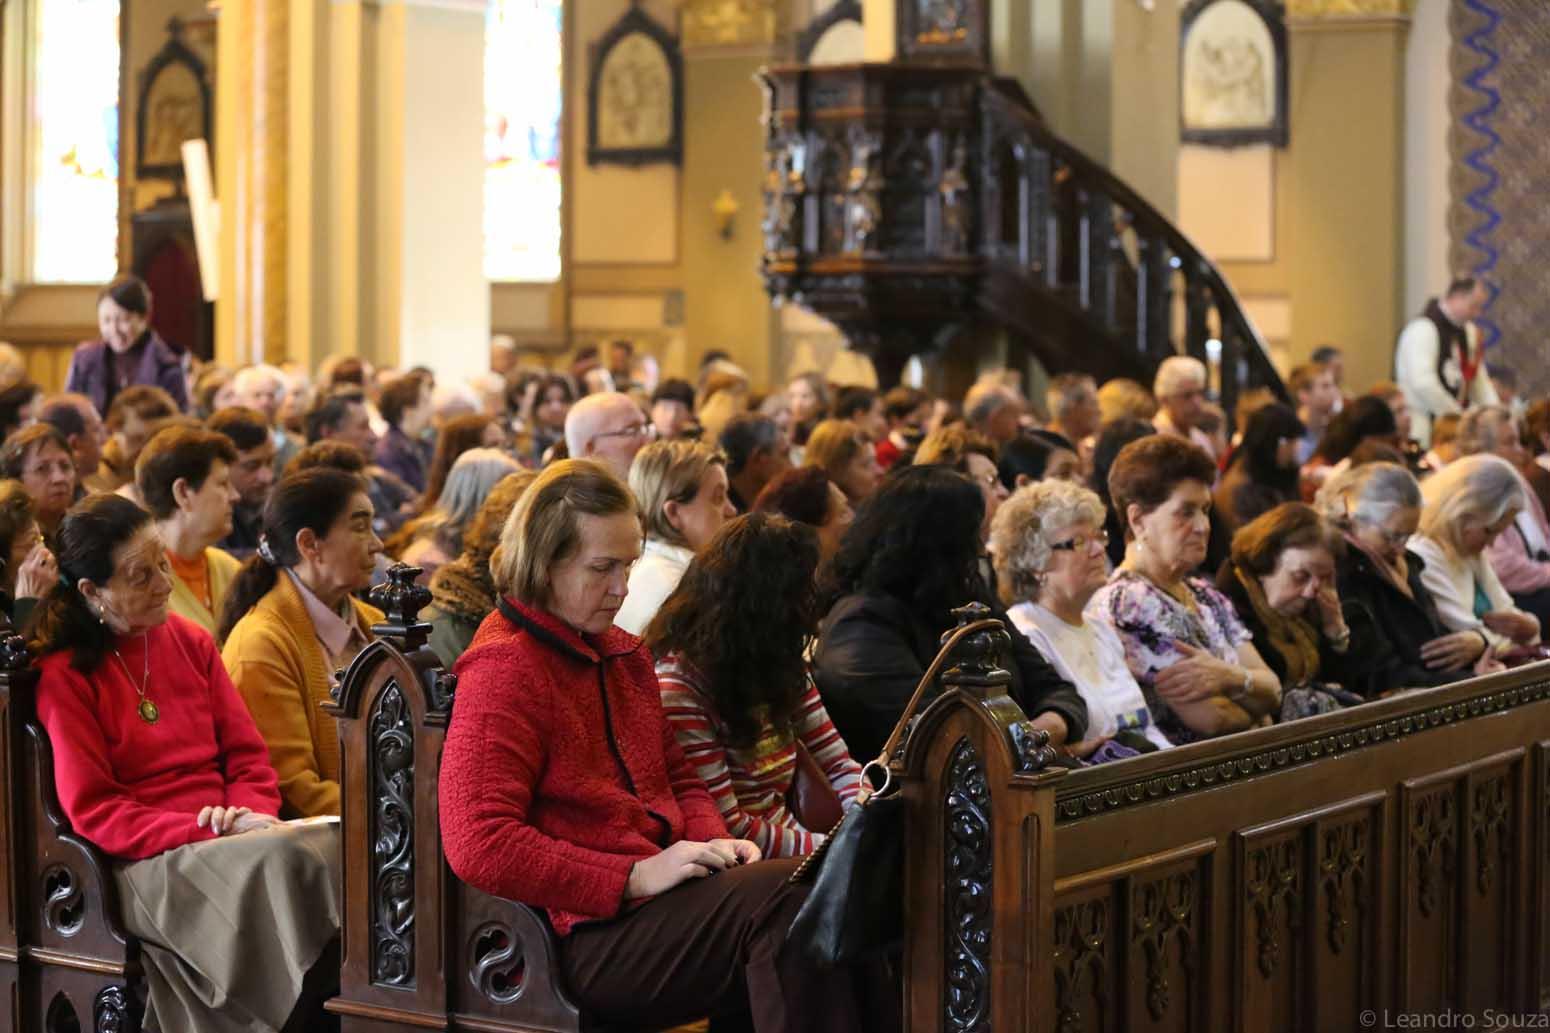 cerimonia-da-primeiro-sabado-na-catedral-de-curitiba-com-participacao-dos-arautos-do-evangelho-da-casa-divina-providencia-4